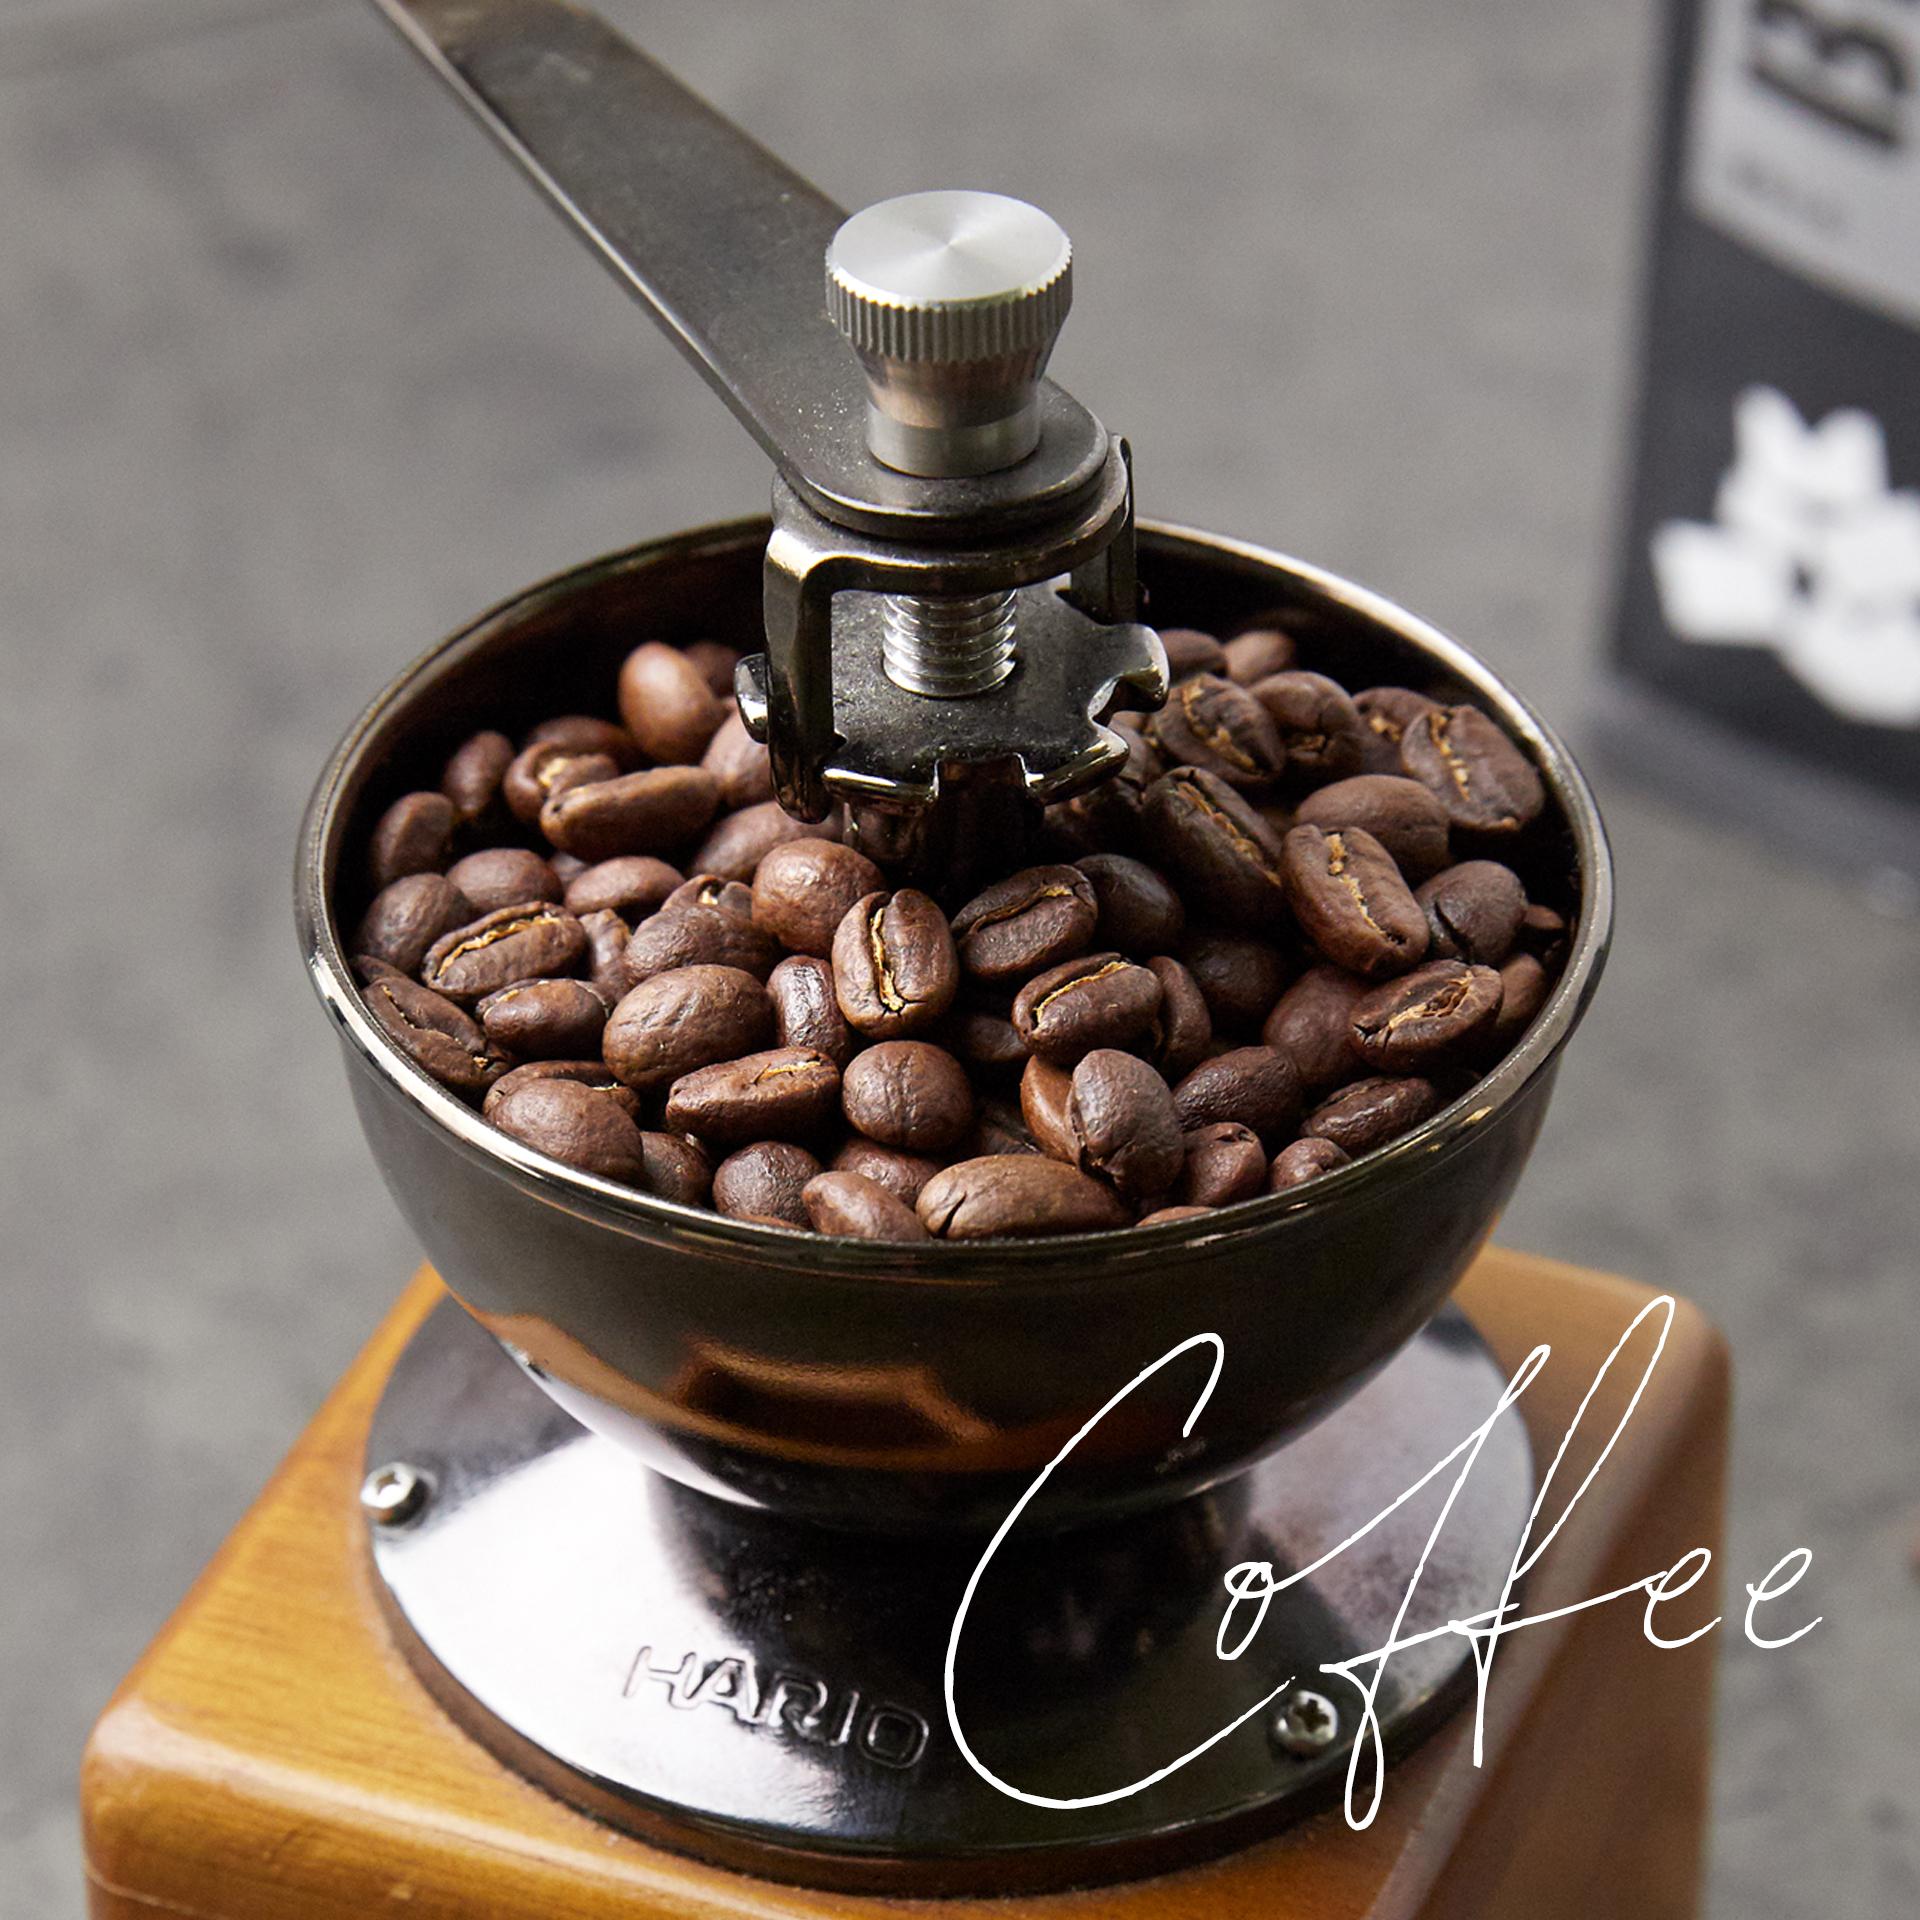 로스팅 정도에 따라 입맛에 맞는 커피 선택하기